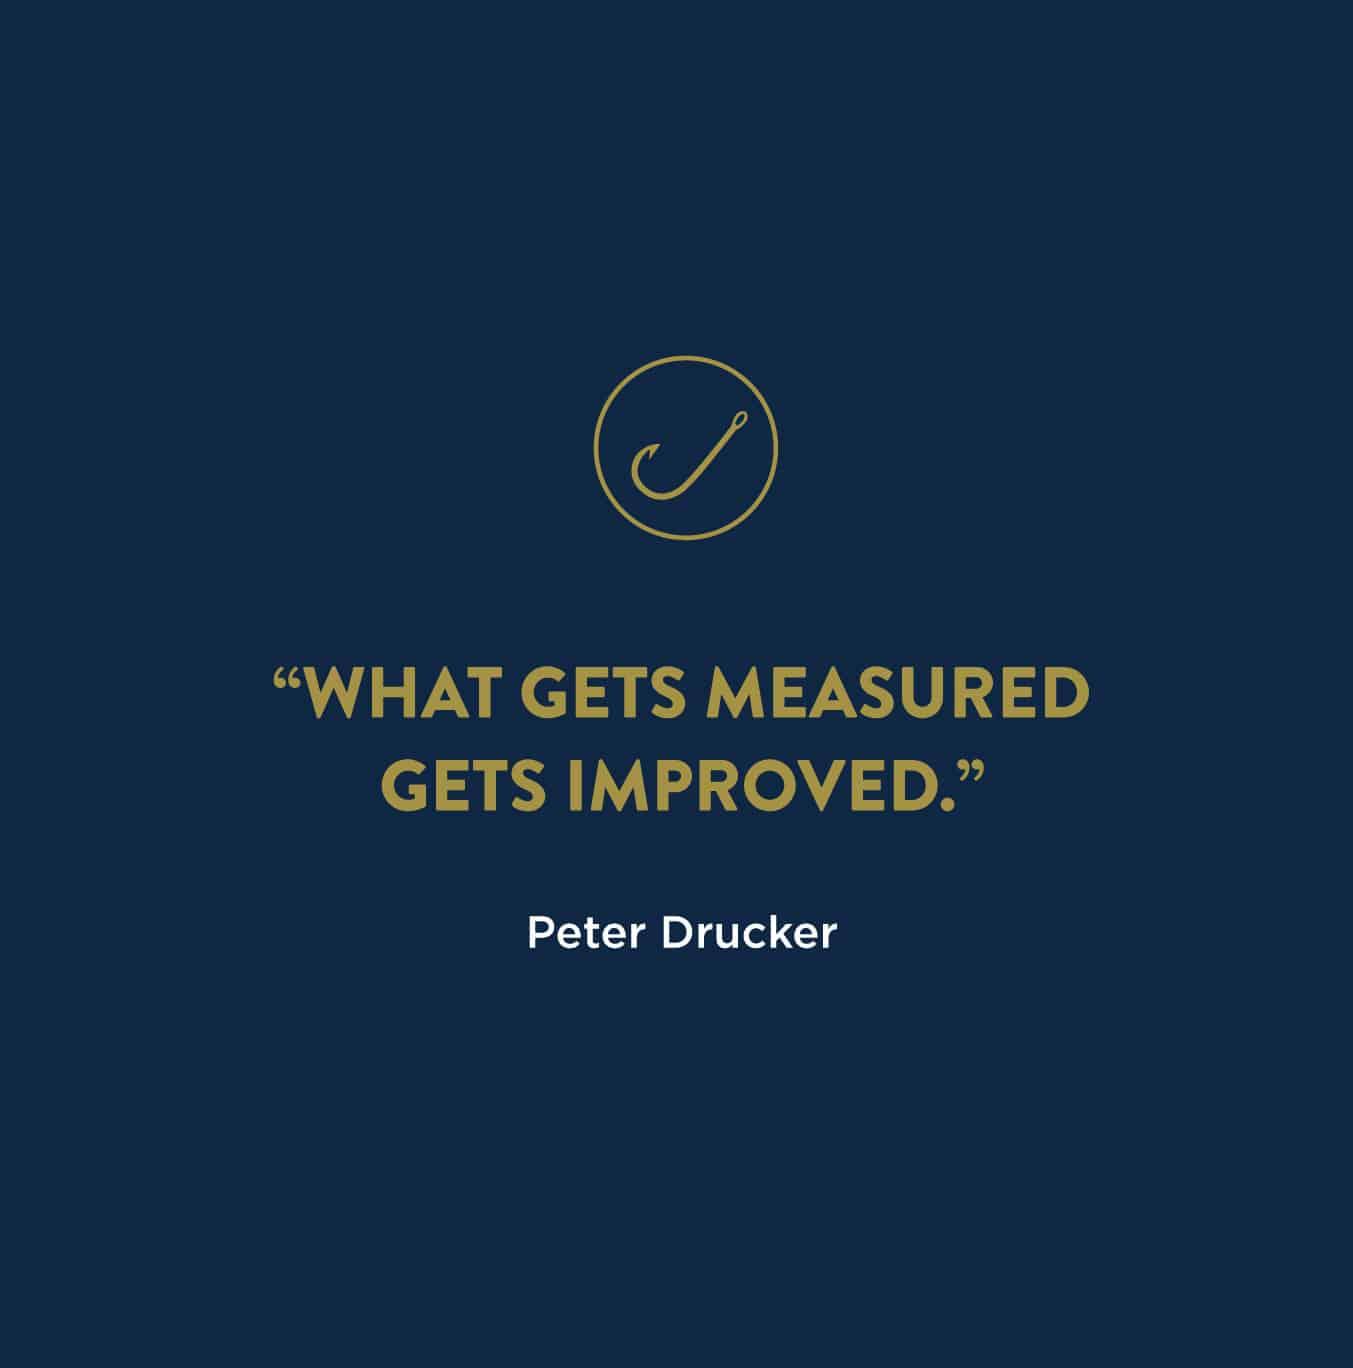 Gets Measured